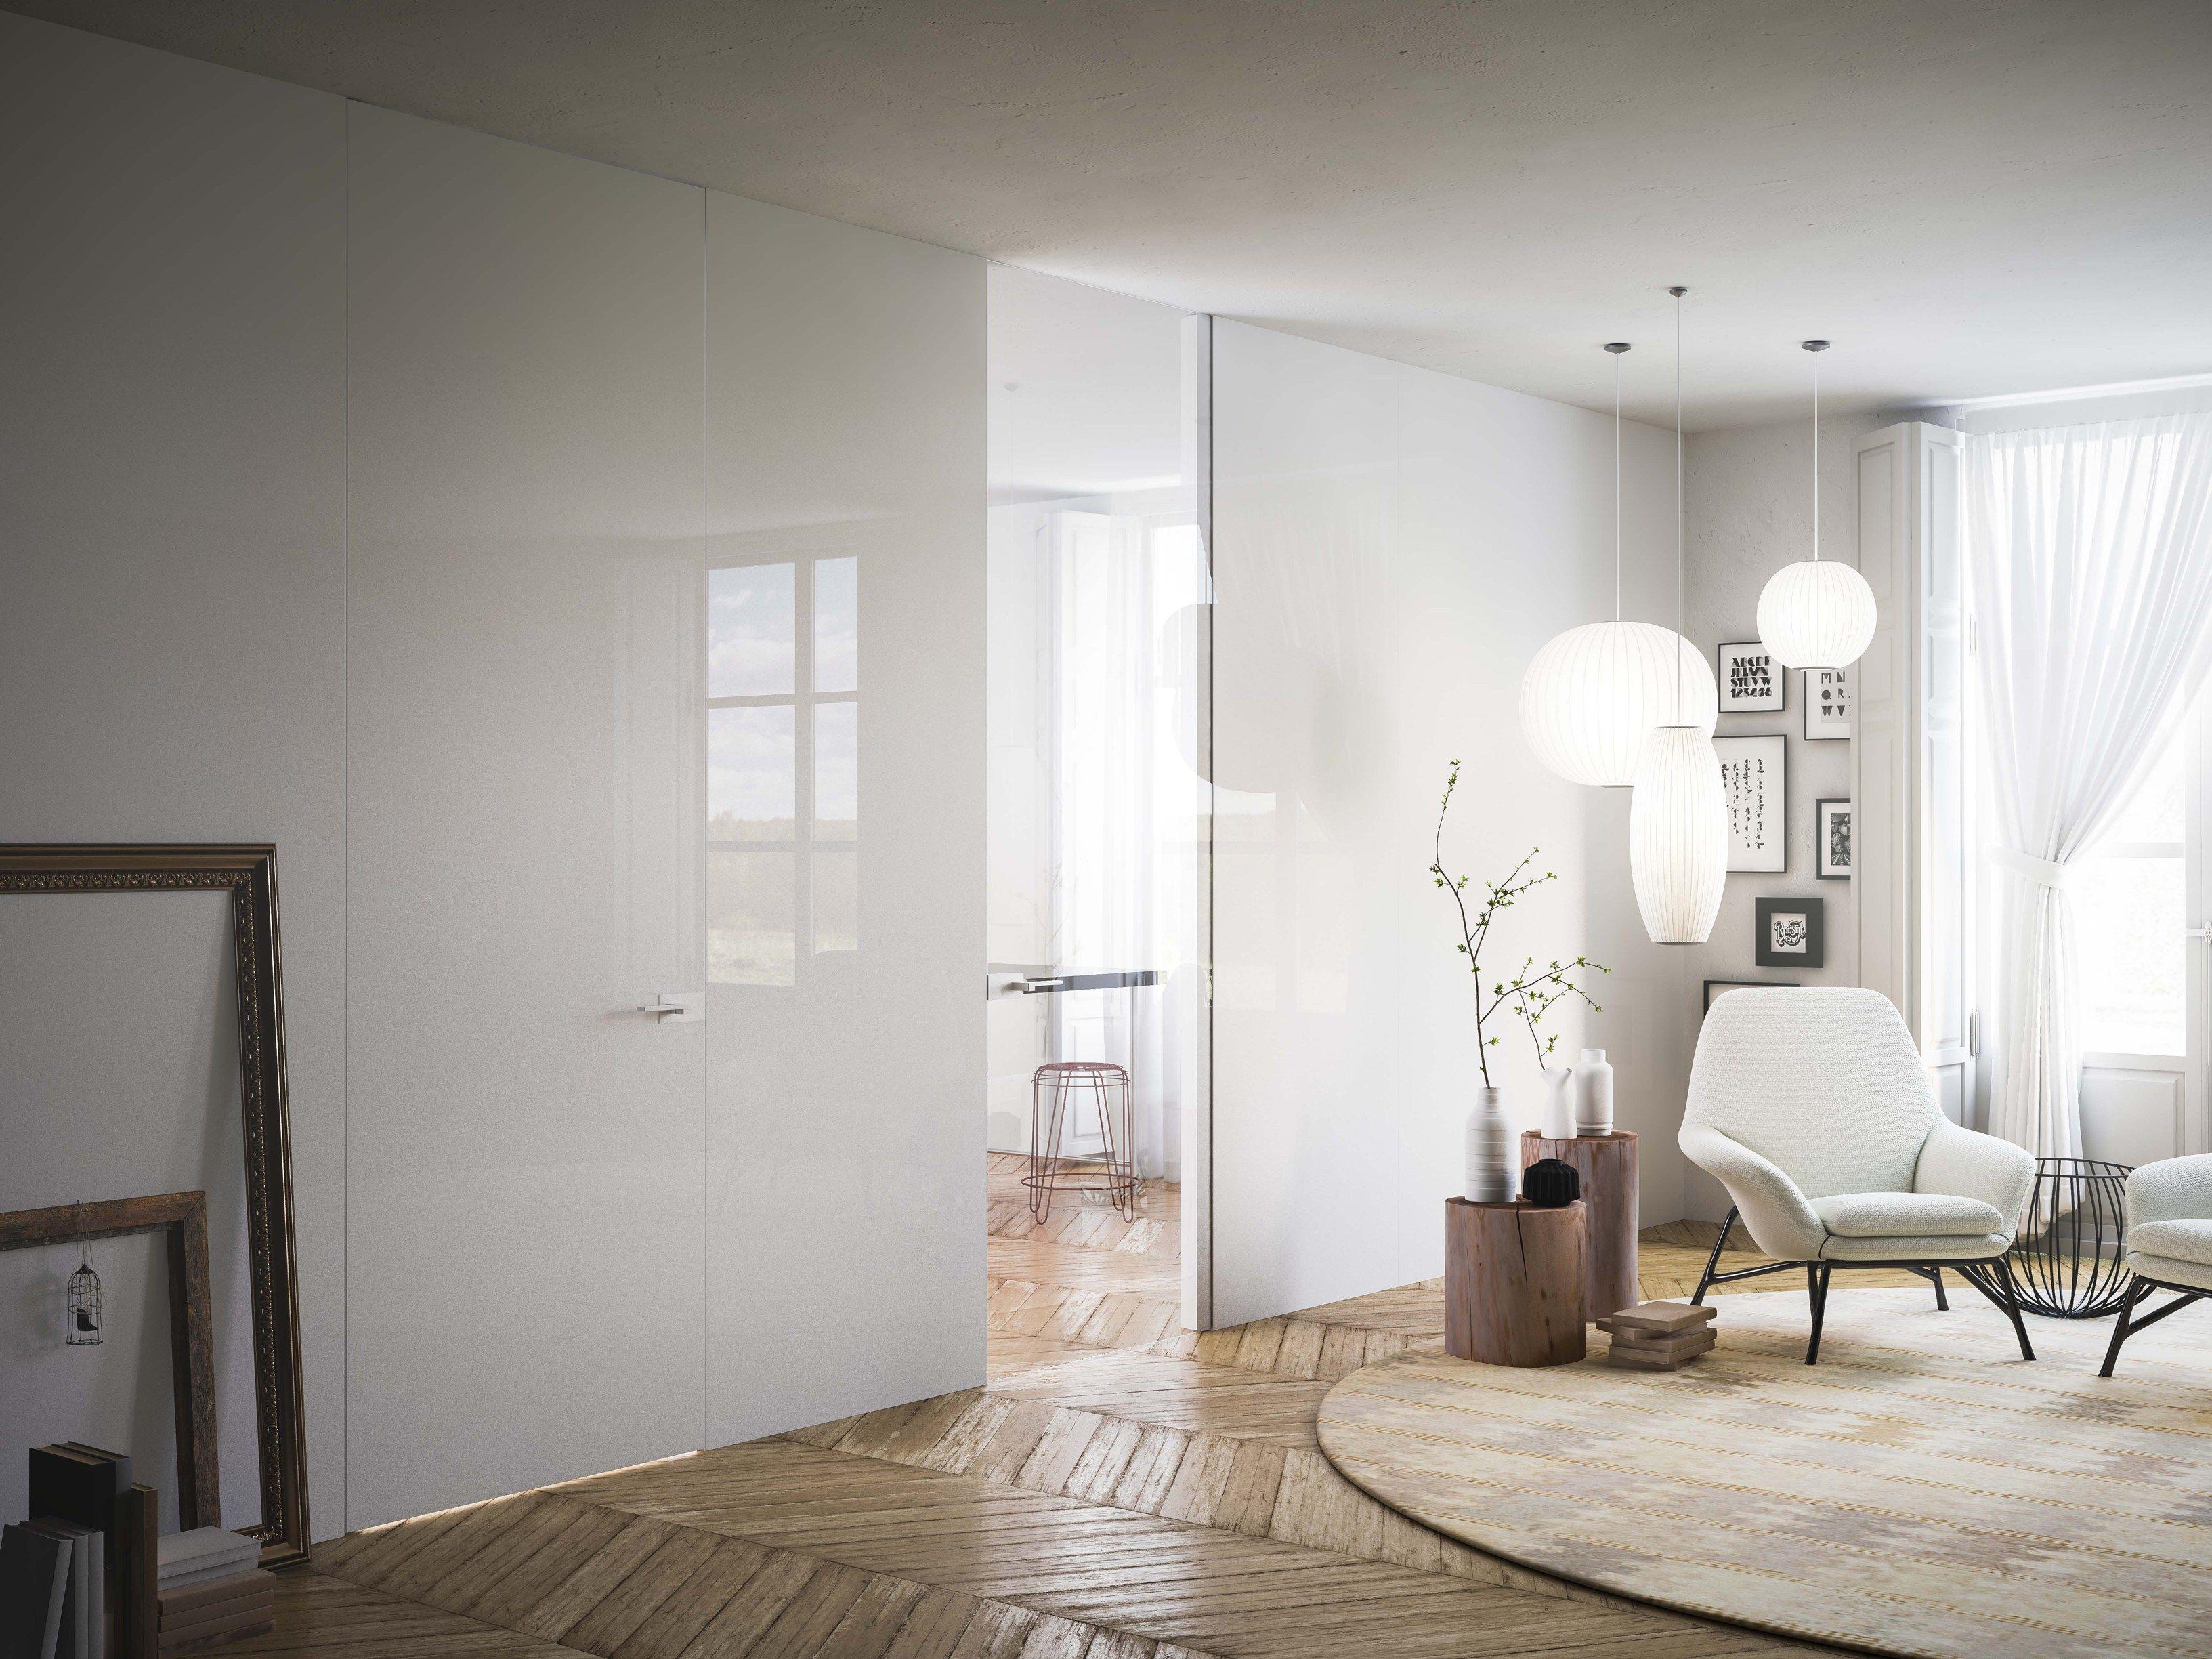 Filomuro light porta a filo muro by adielle - Porta a filo muro prezzi ...